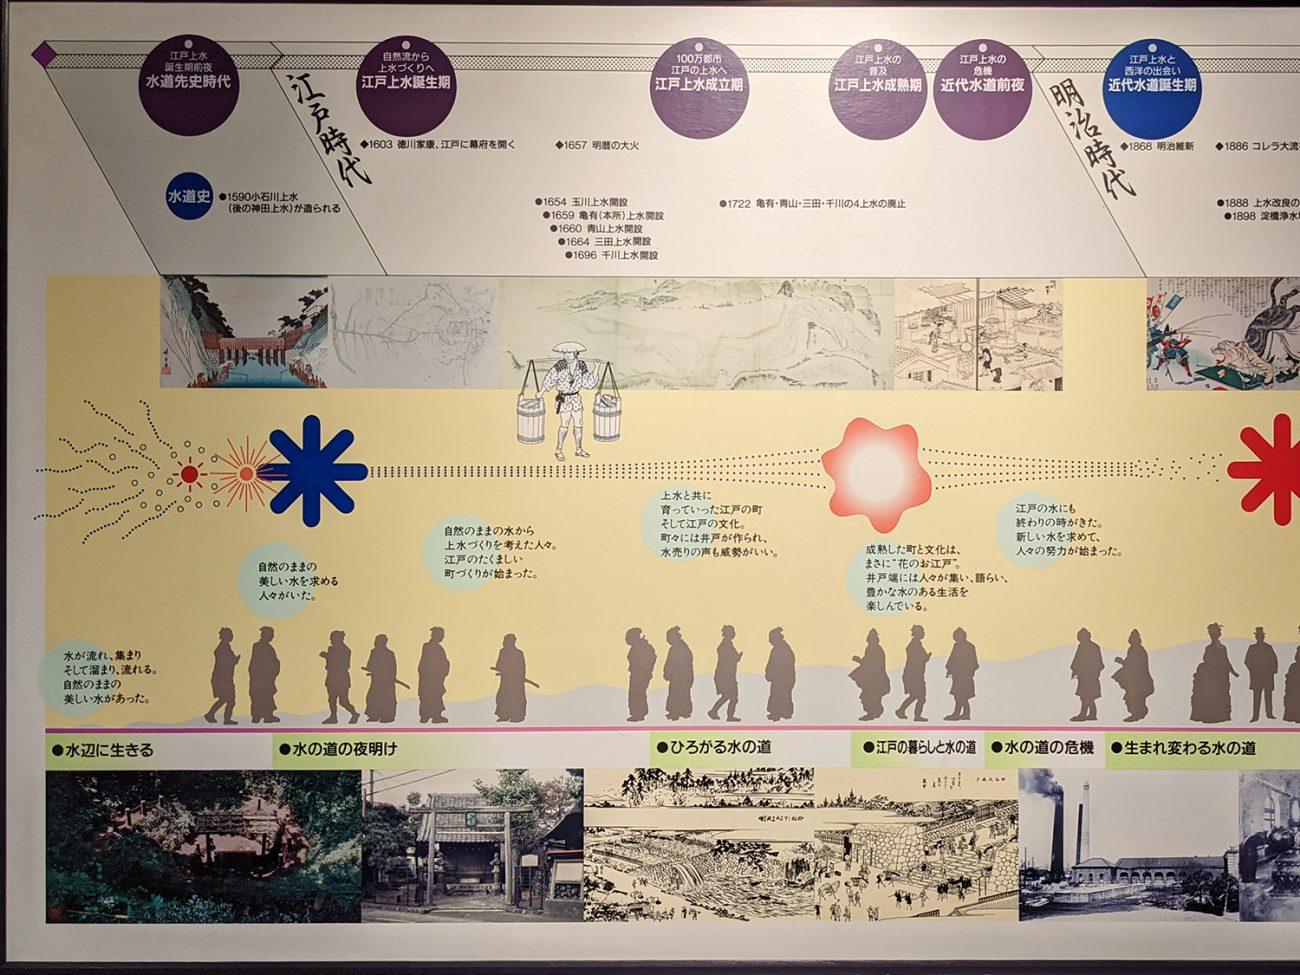 画像 水道の歴史(東京都水道歴史館展示より)